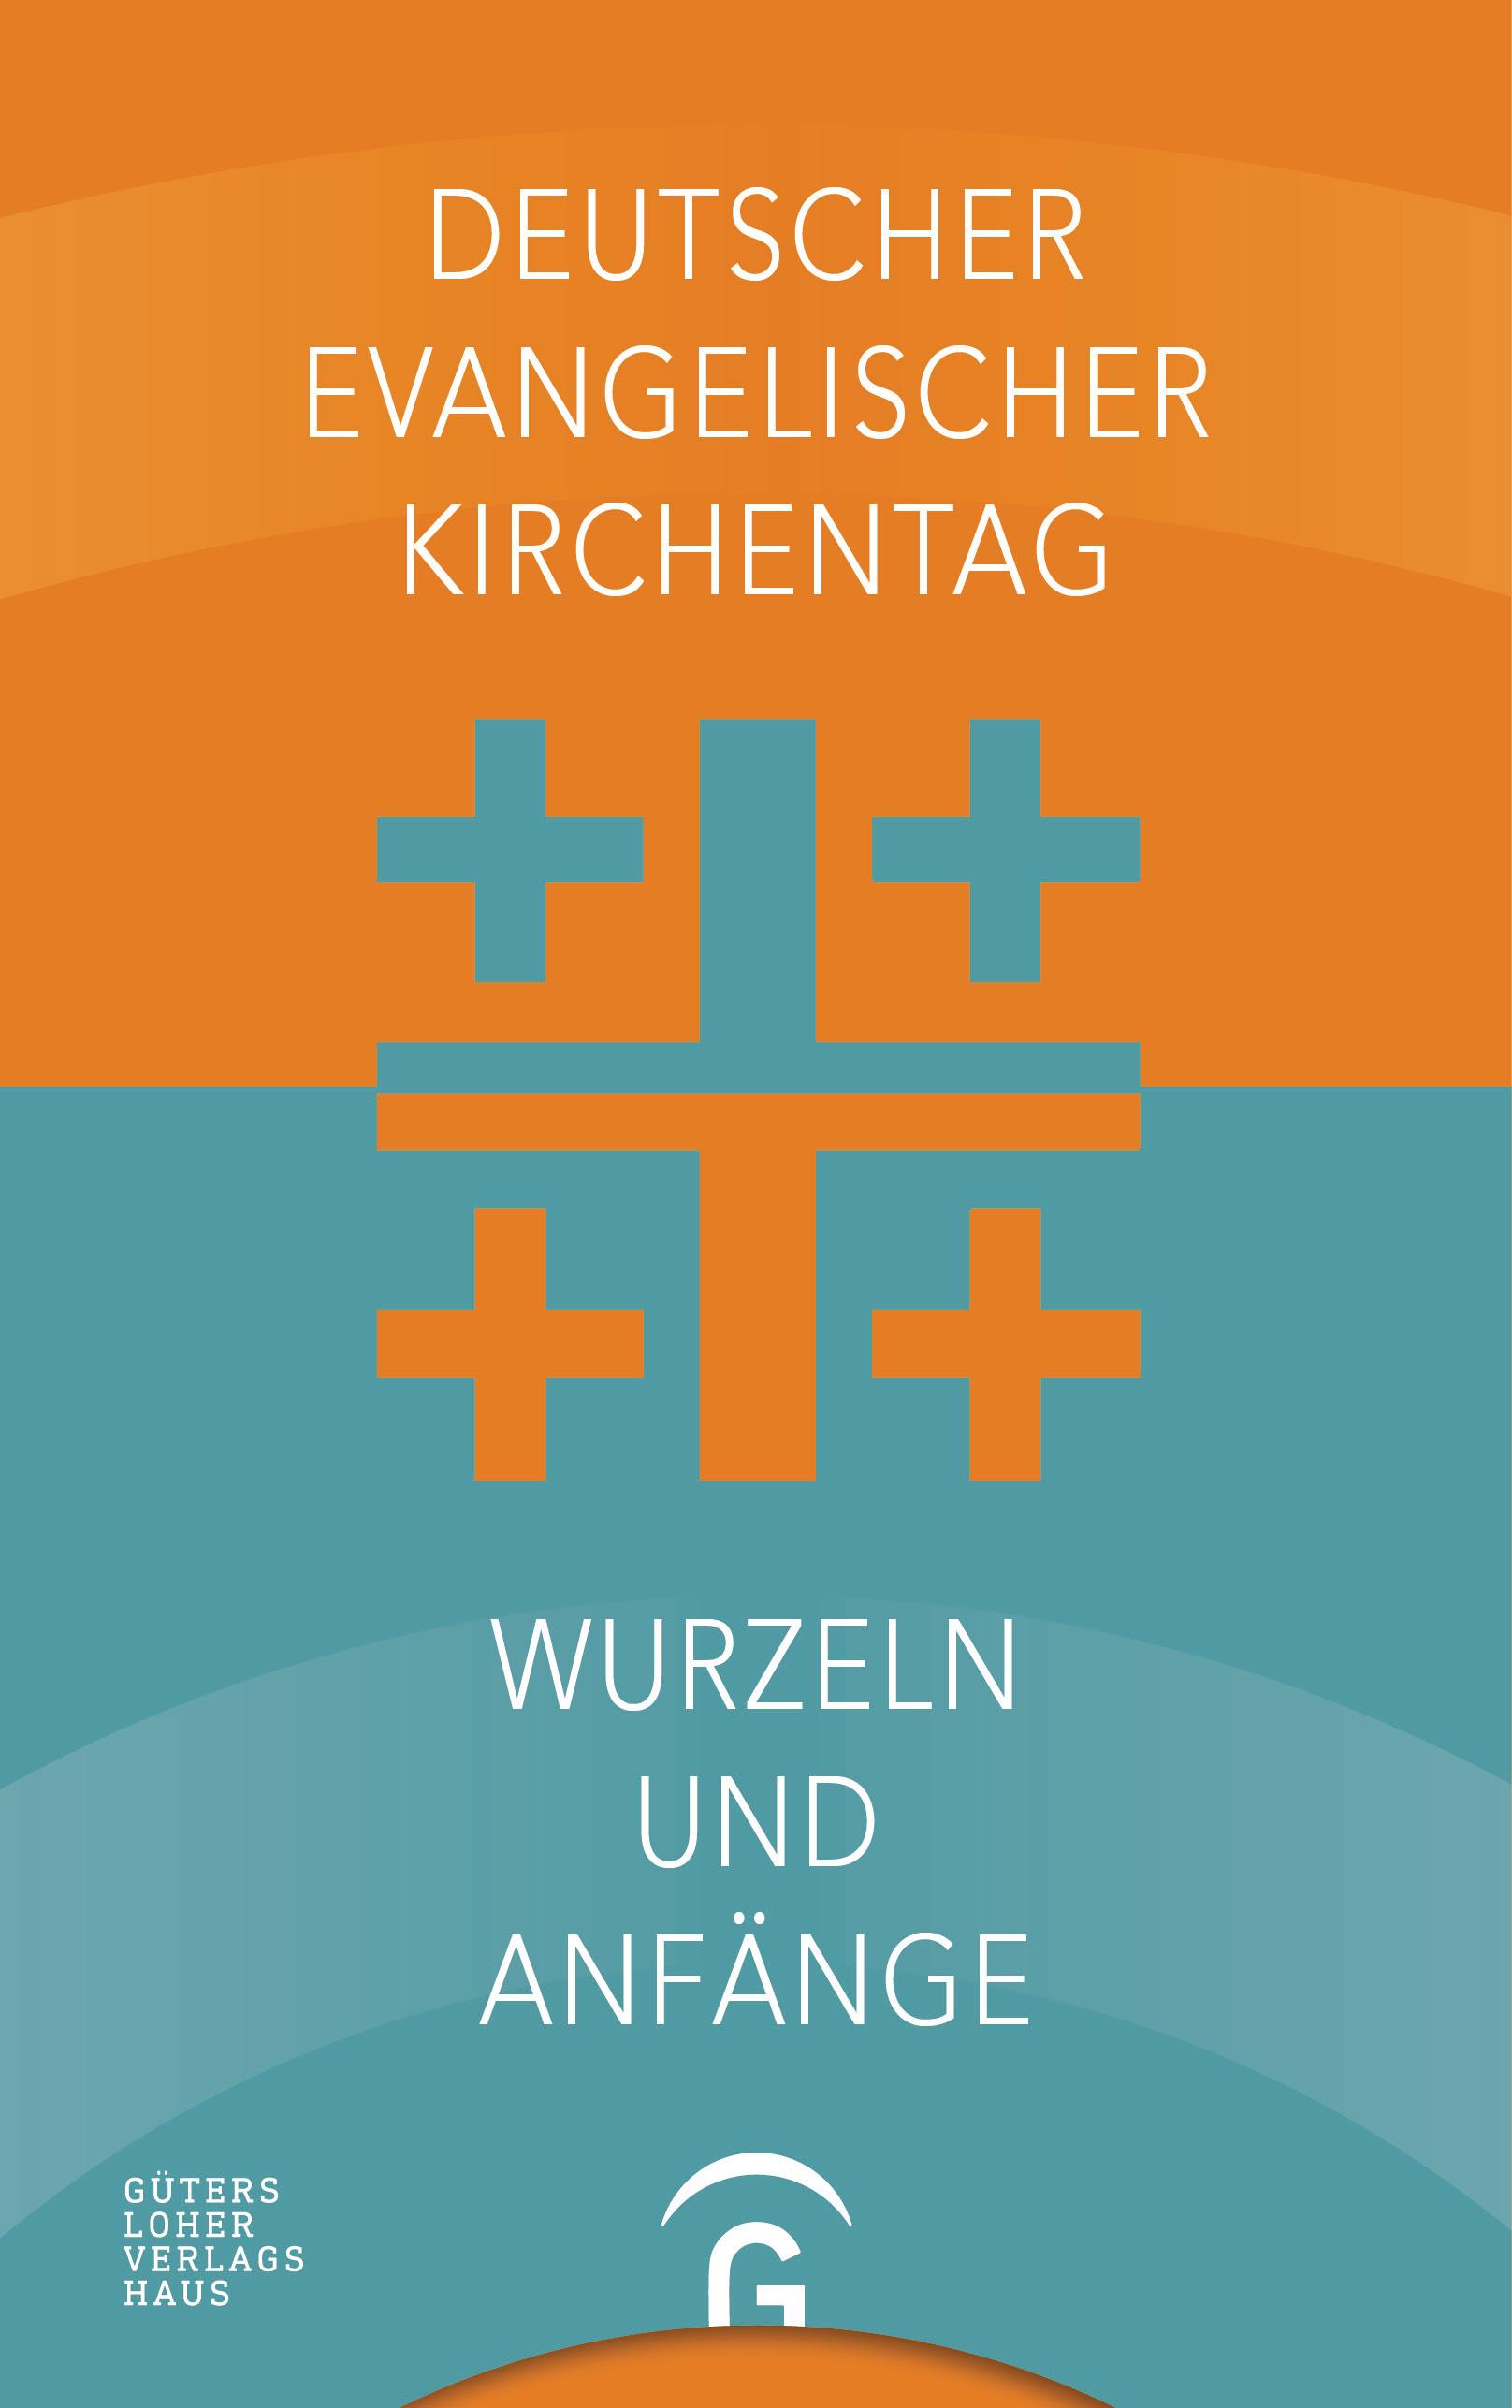 Deutscher-Evangelischer-Kirchentag-Wurzeln-und-Anfaenge-Ellen-Ueberschaer